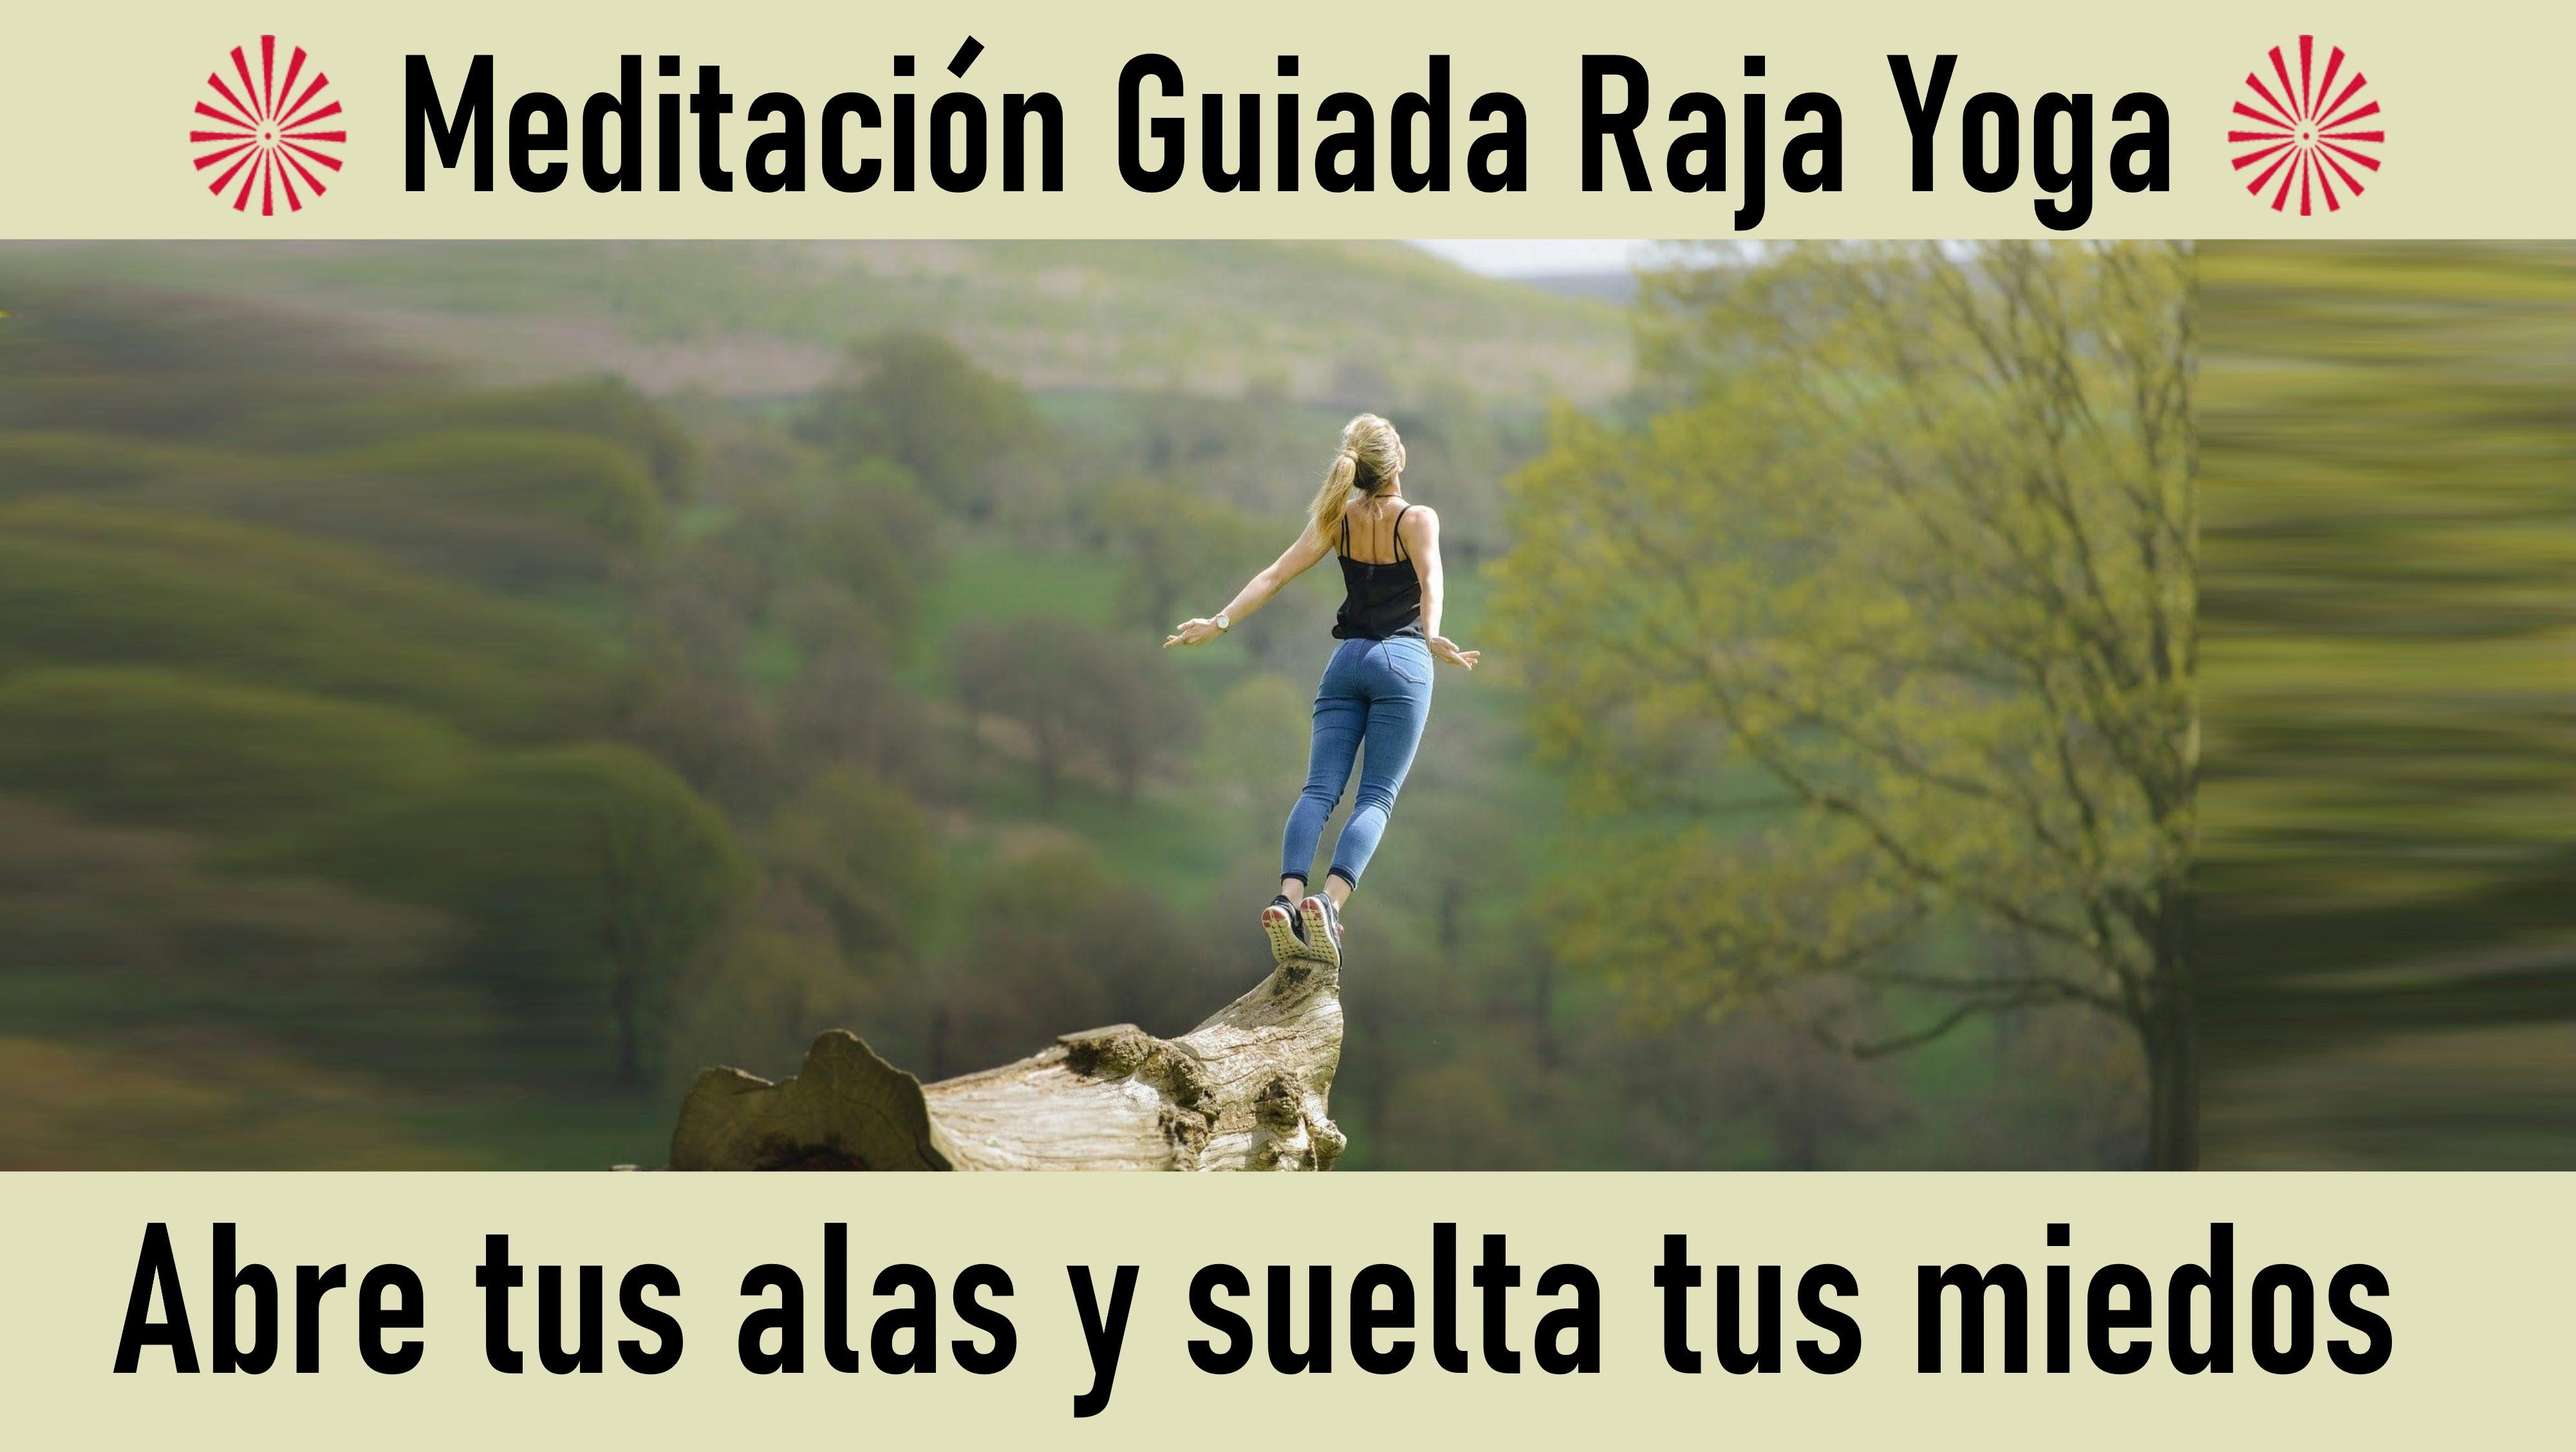 Meditación Raja Yoga: Abre tus alas y suelta tus miedos (26 Octubre 2020) On-line desde Madrid